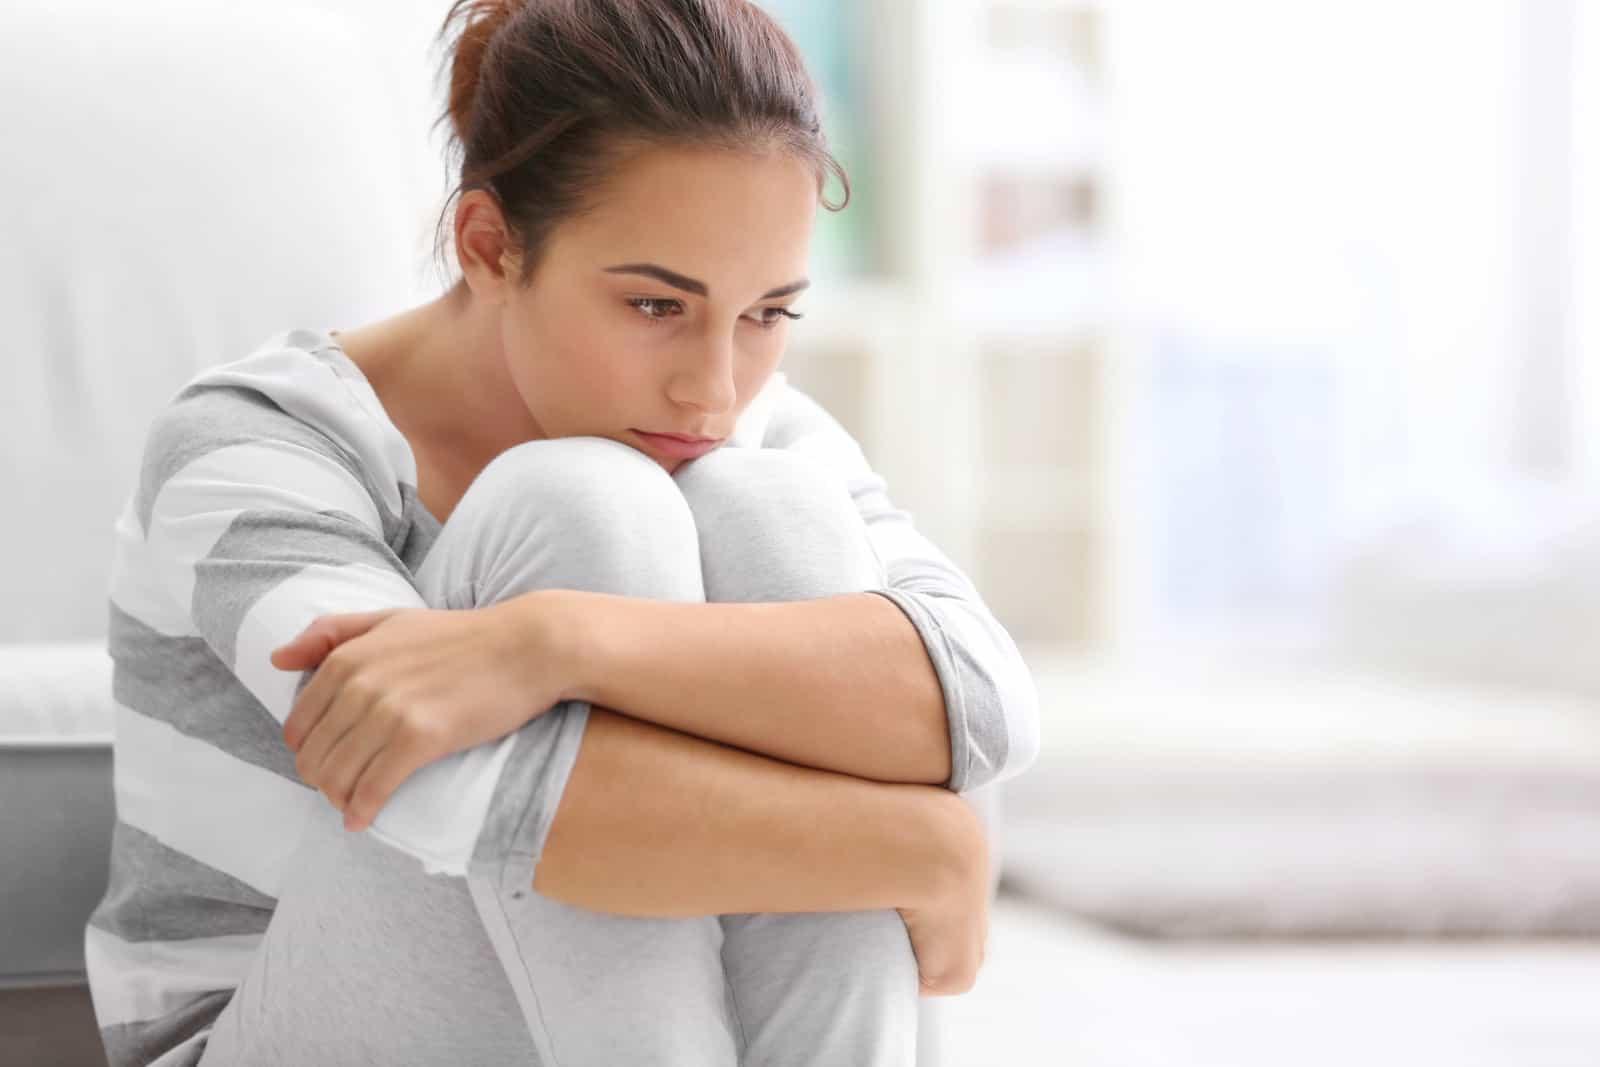 ein depressives junges Mädchen